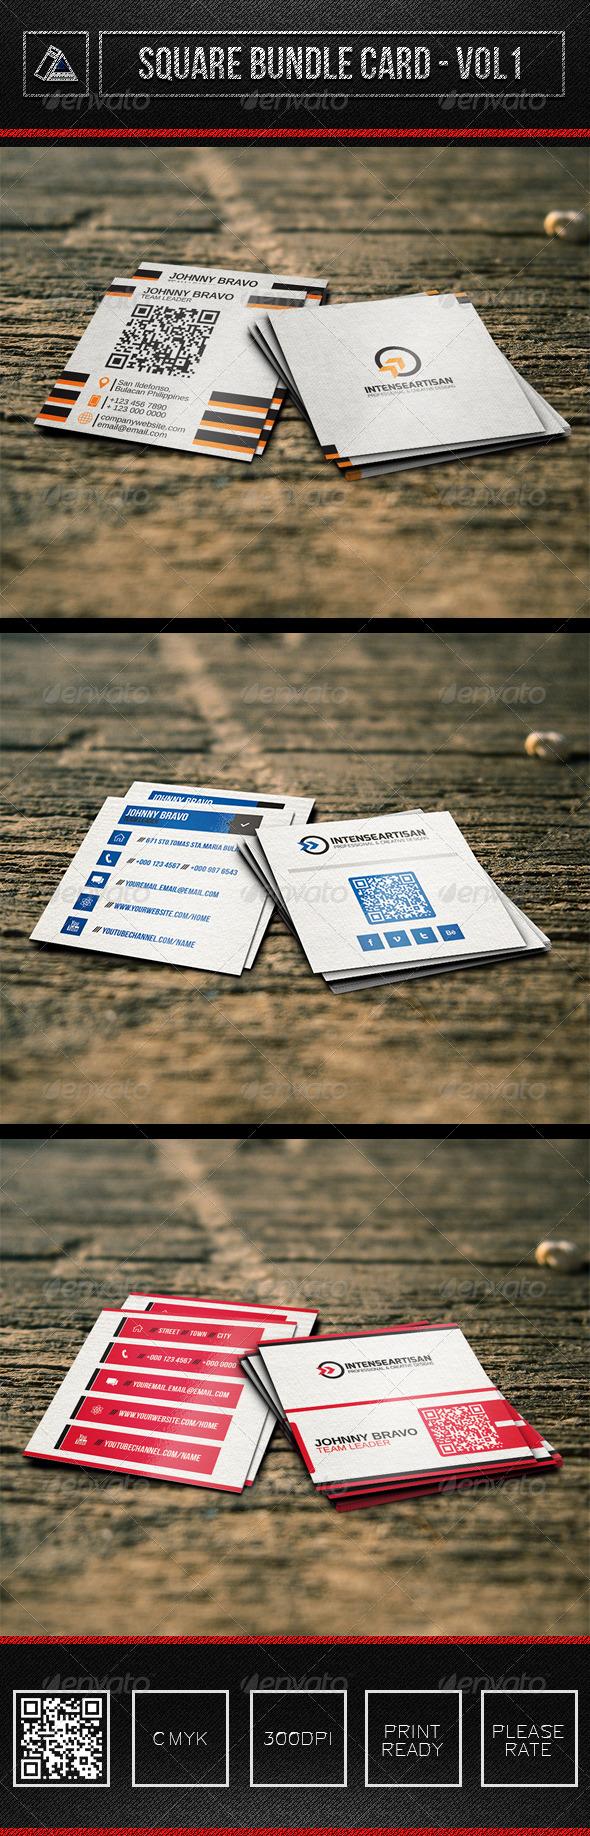 GraphicRiver 3in1 Square Bundle Card Vol1 6320954